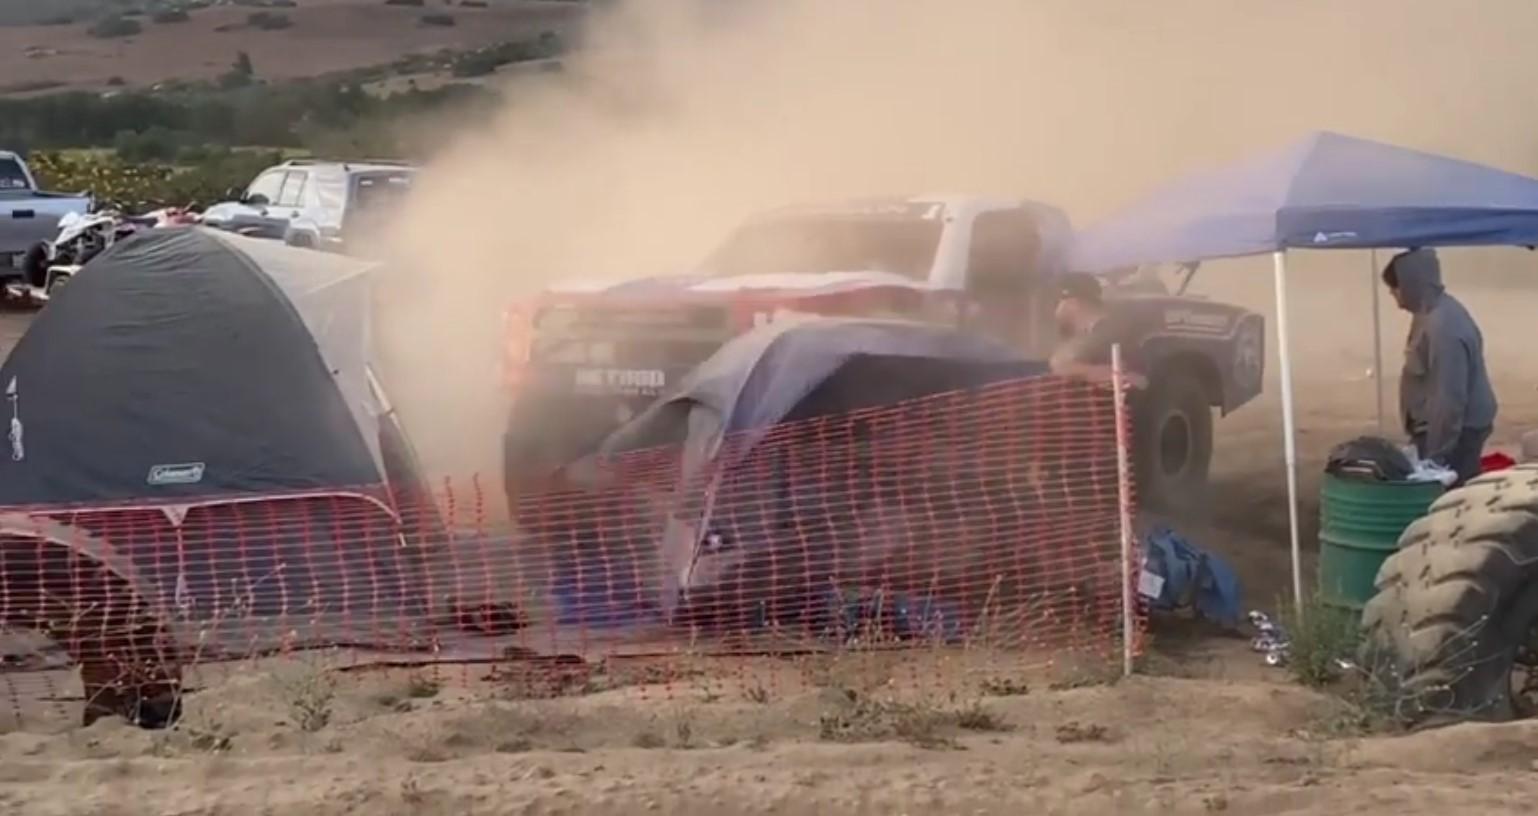 Terroríficas imágenes de un competidor arrollando tiendas en la Baja 500 2021